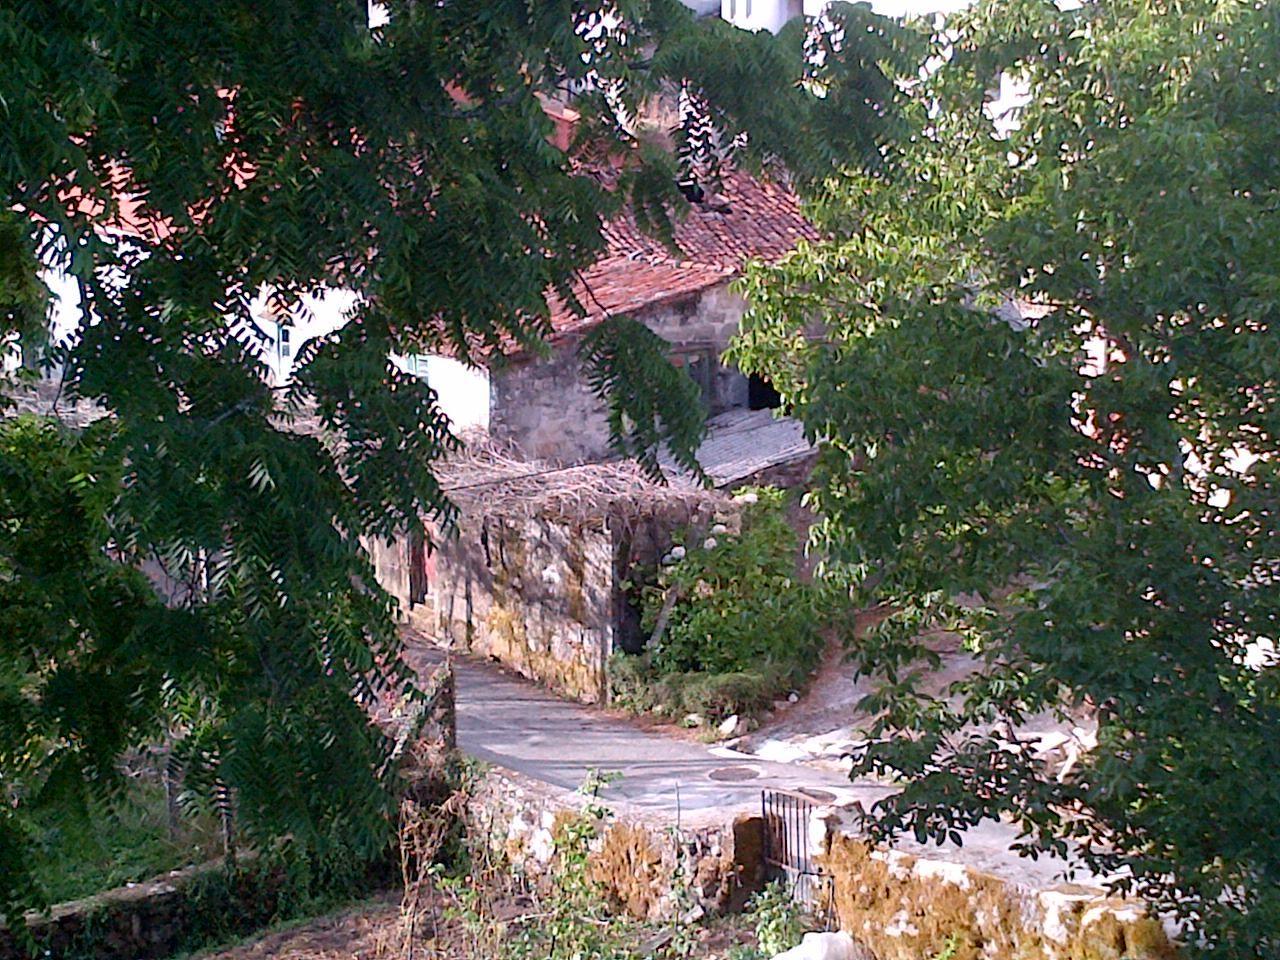 28000 00 Ocasion Casa De Piedra Para Restaurar Ocasion Vendo Casa De Piedra Para Restaurar Tiene Dos Plan Inmobiliaria Casas Casa De Piedra Casas Rurales